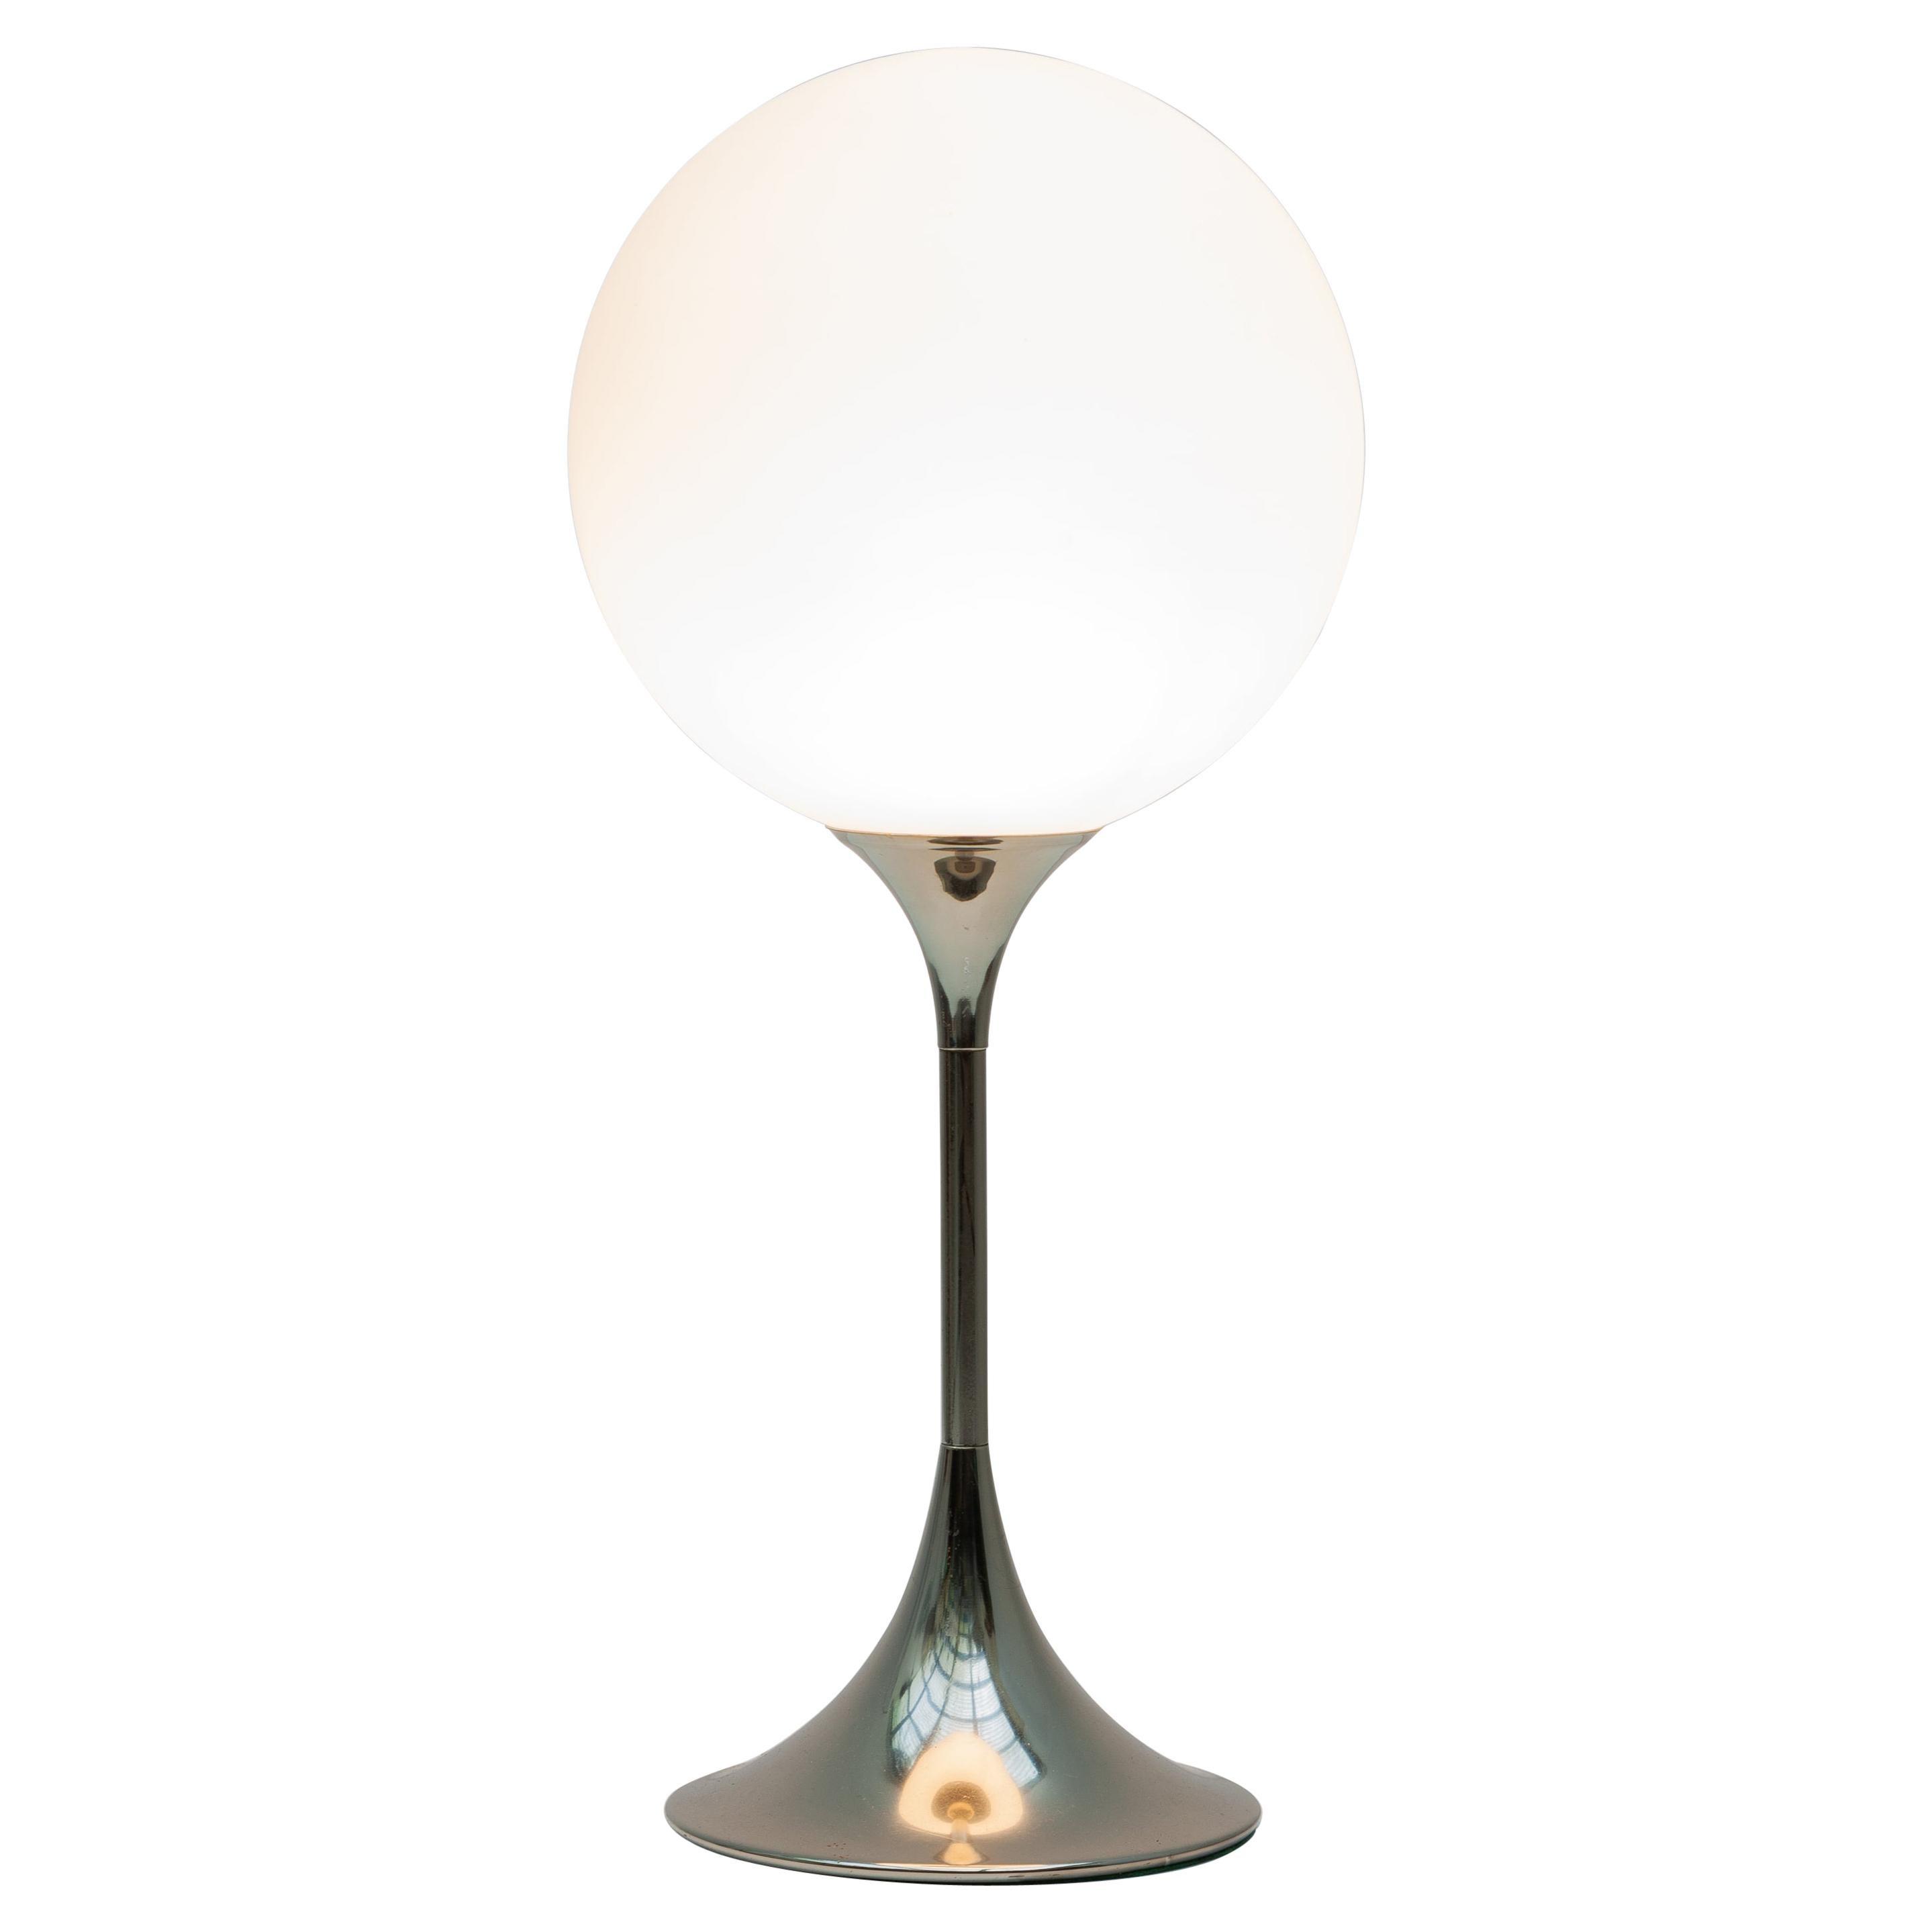 Mid-Century Modern Sciolari Table Lamp, Italy, 1970s